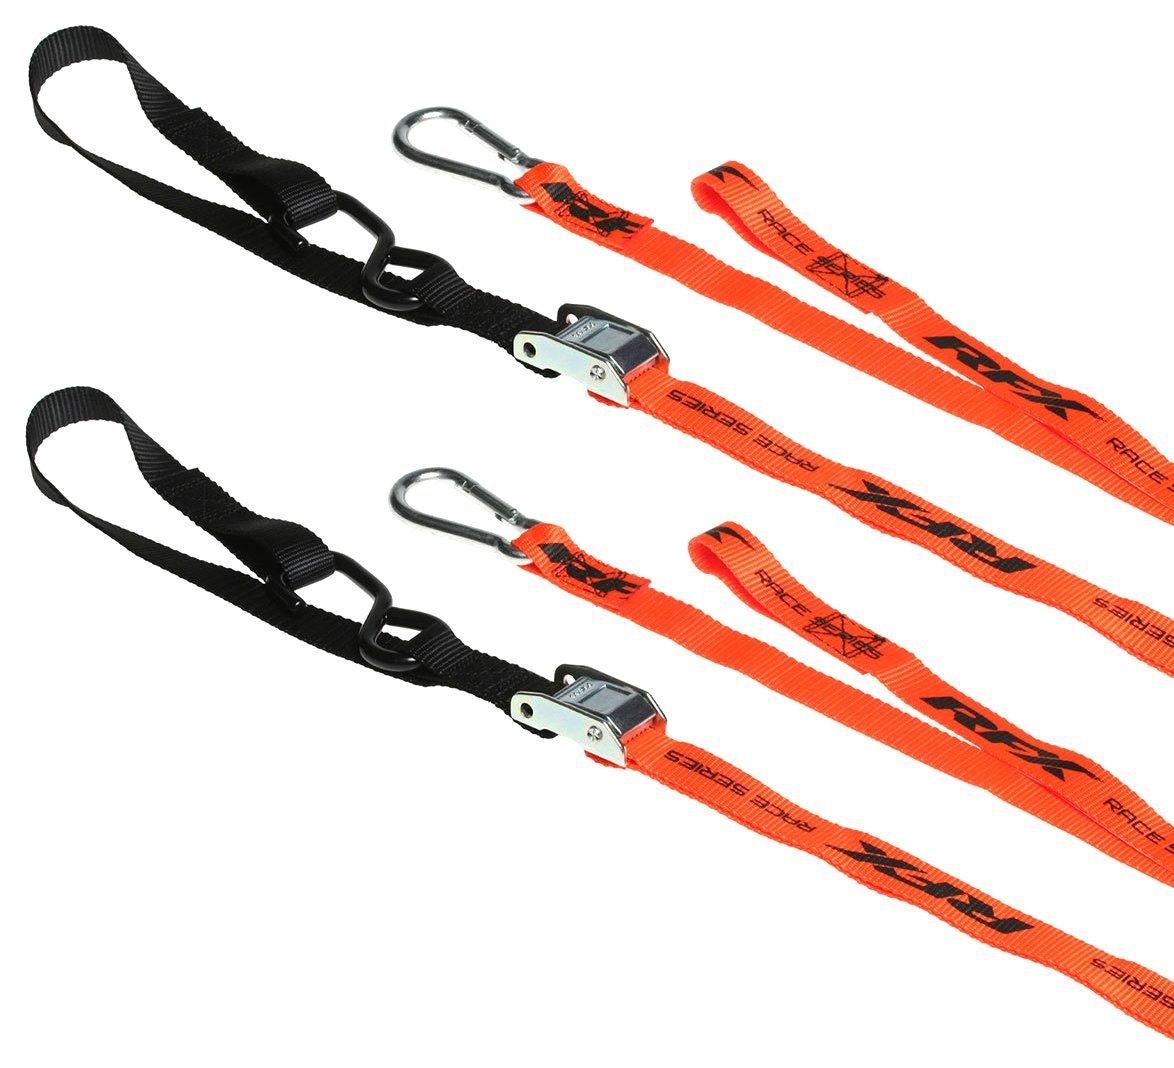 RFX FXTD 30000 55OR Race Series - Coppia di corde di ancoraggio per moto, colore: arancione Race FX FXTD 30000 55OR